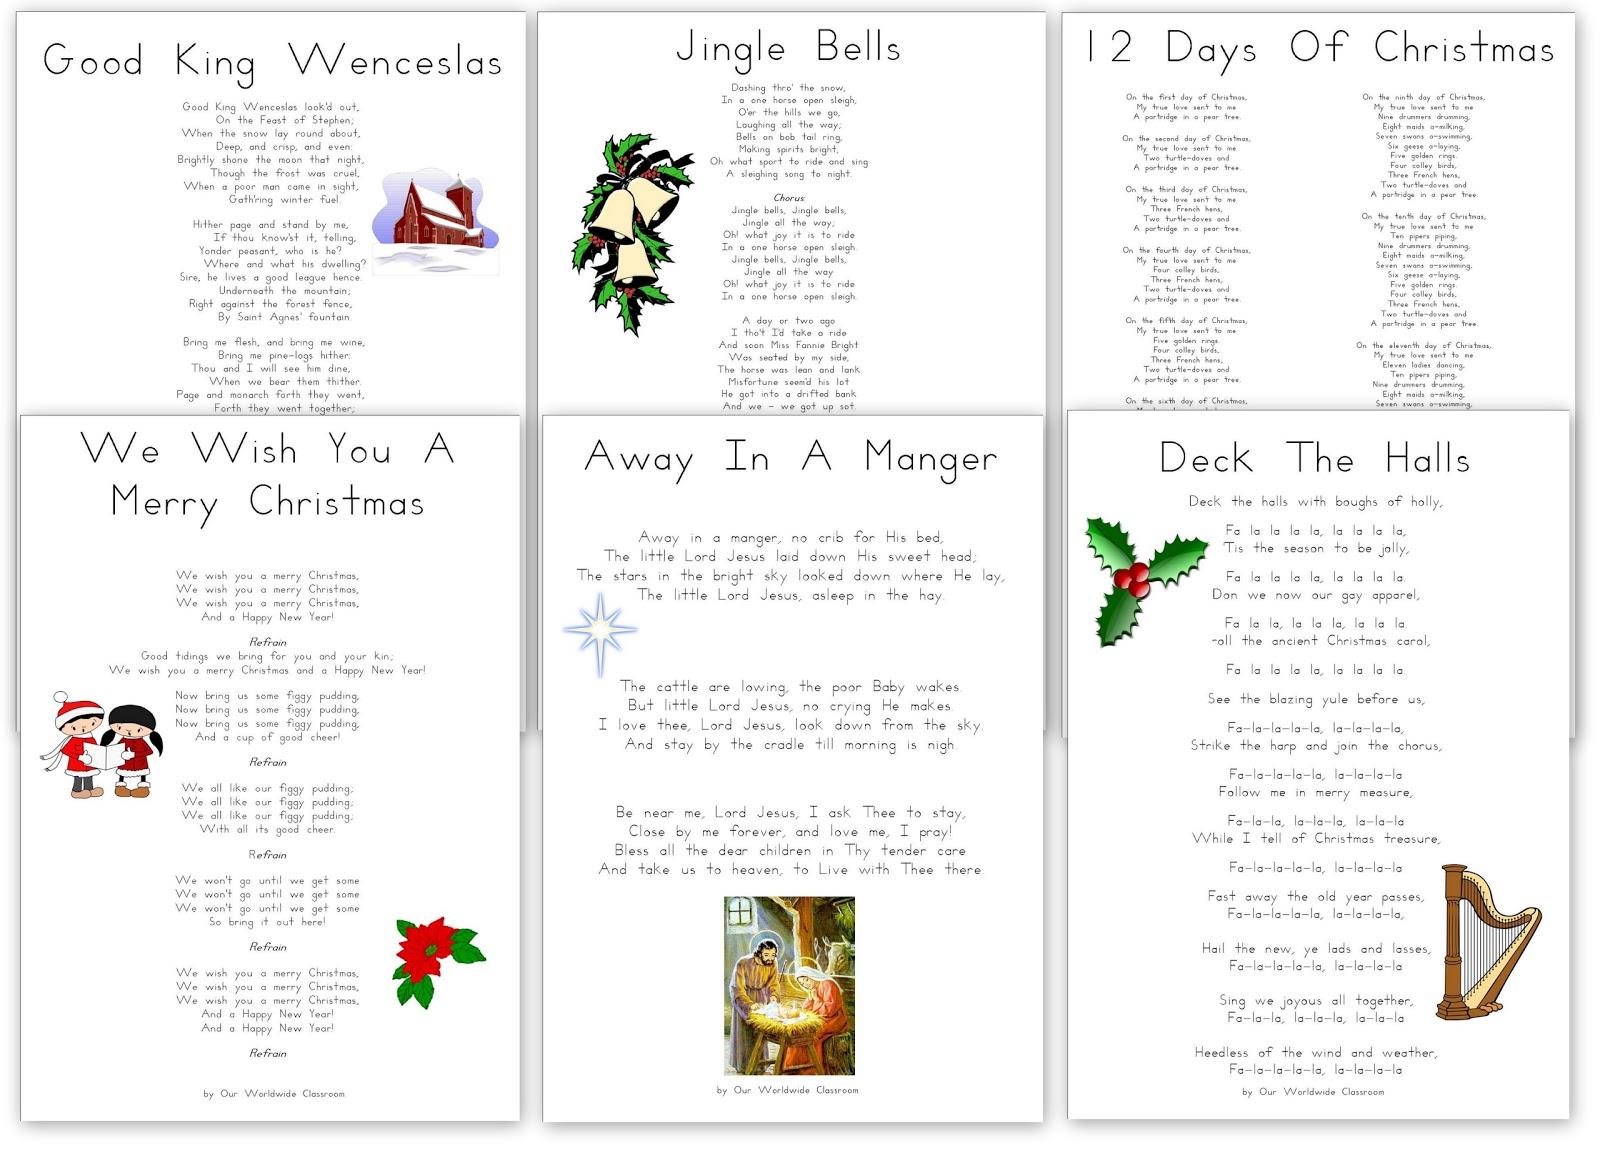 Christmas Carol Printable: Free Printable Christmas Carols And Songs